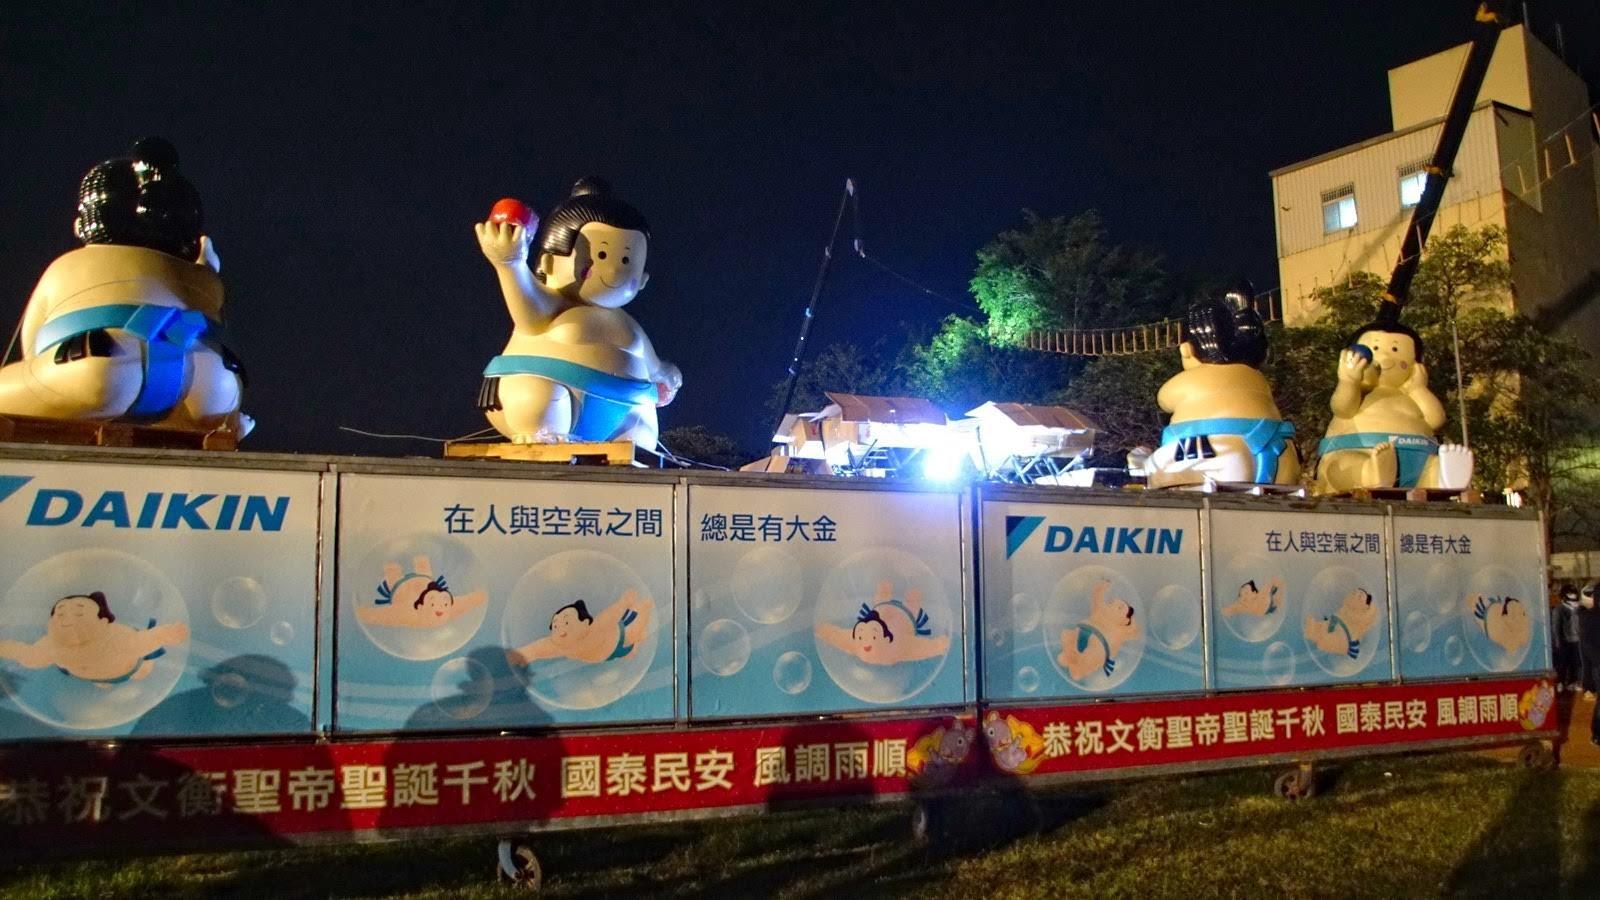 [台南][鹽水區] 2020鹽水蜂炮 鼠年行大運 13支影片全紀錄 遊記